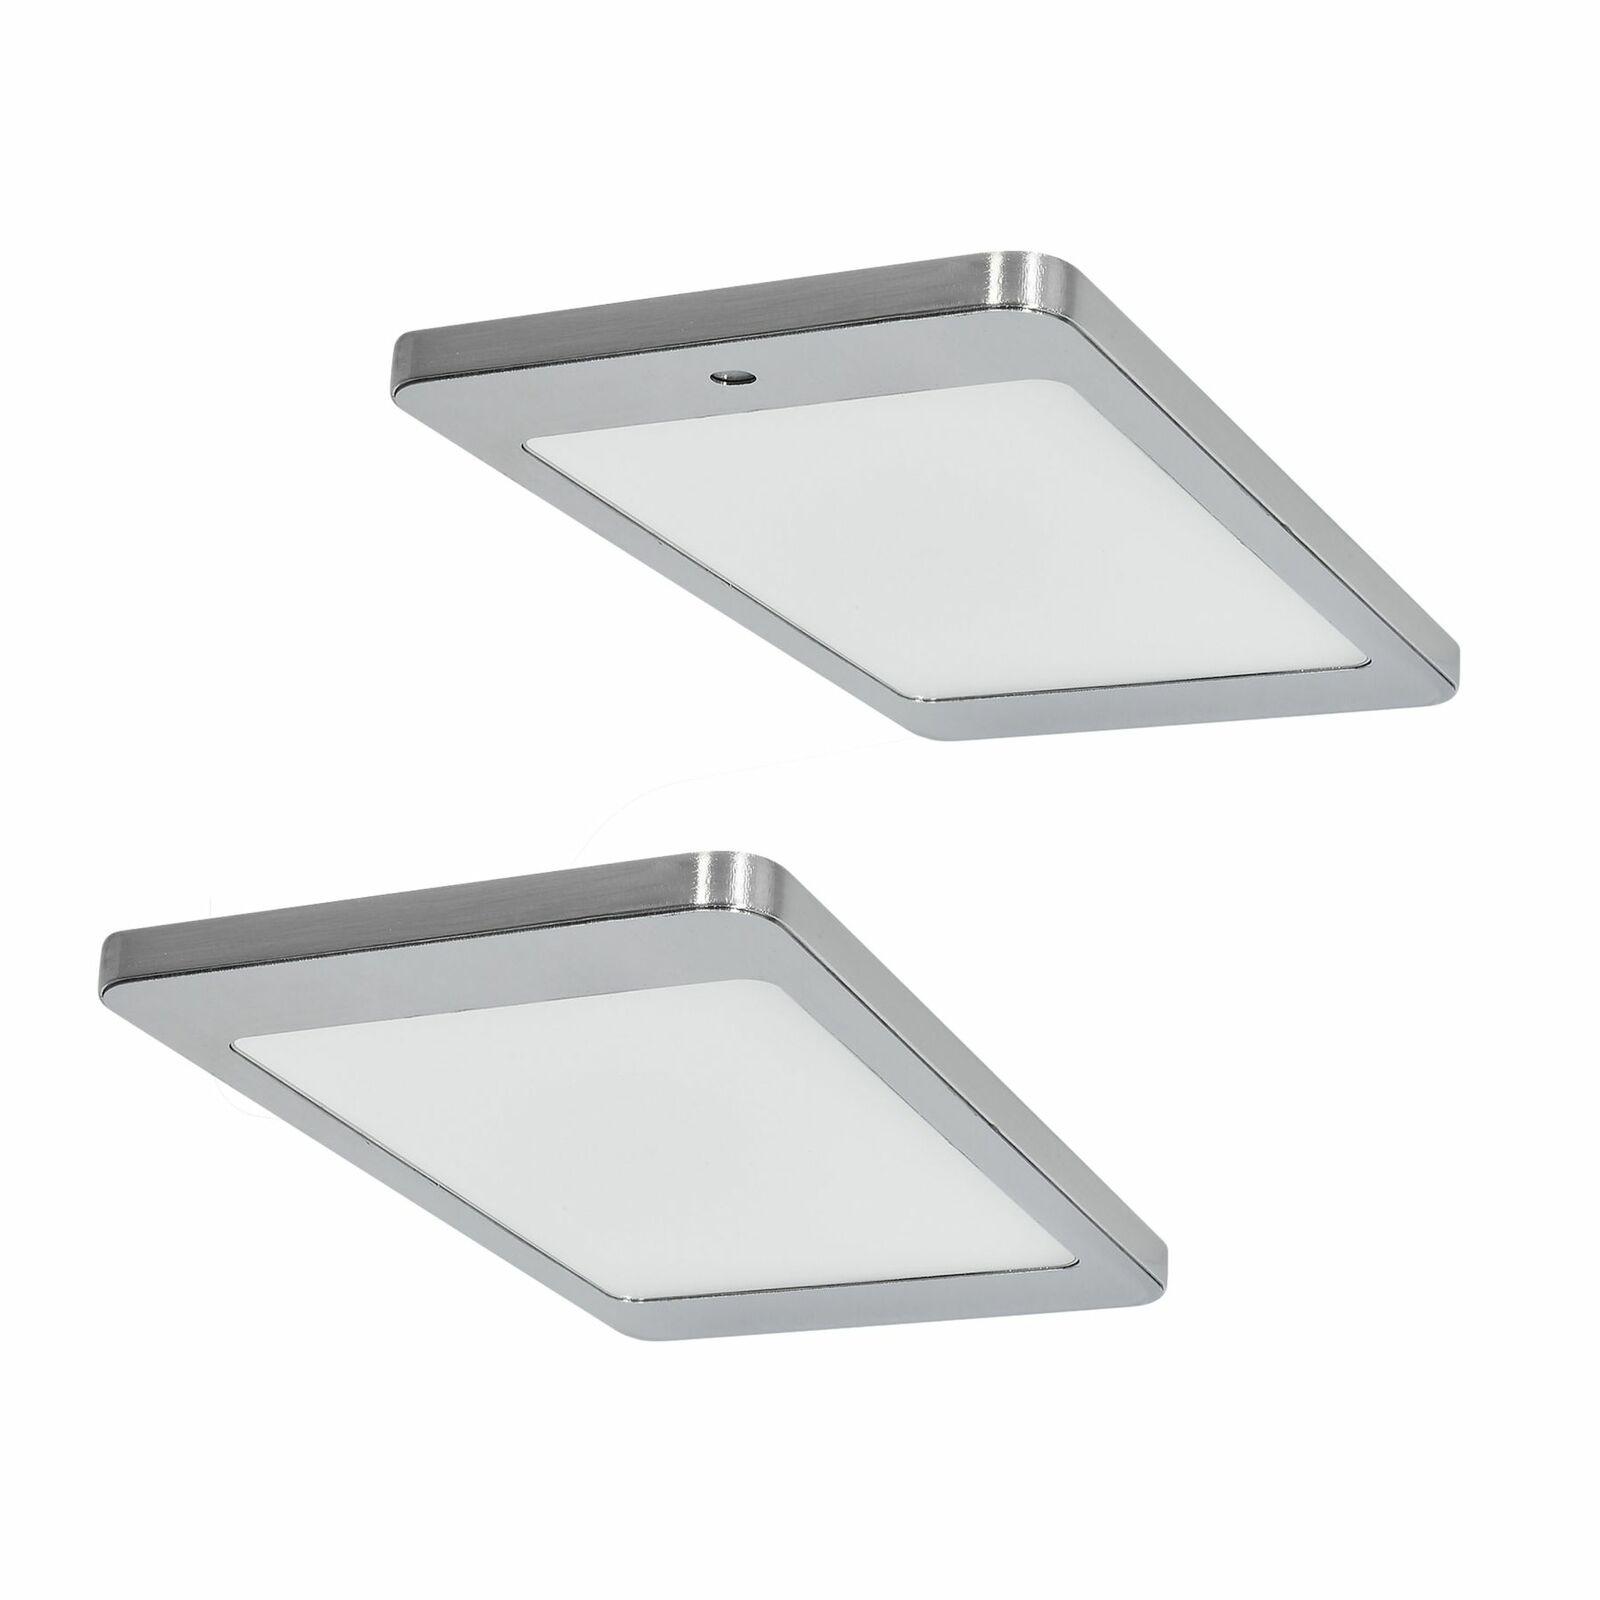 LED Unterbauleuchte Küche 2 x 4, 8 W Kyra Warmweiss Schrank ...